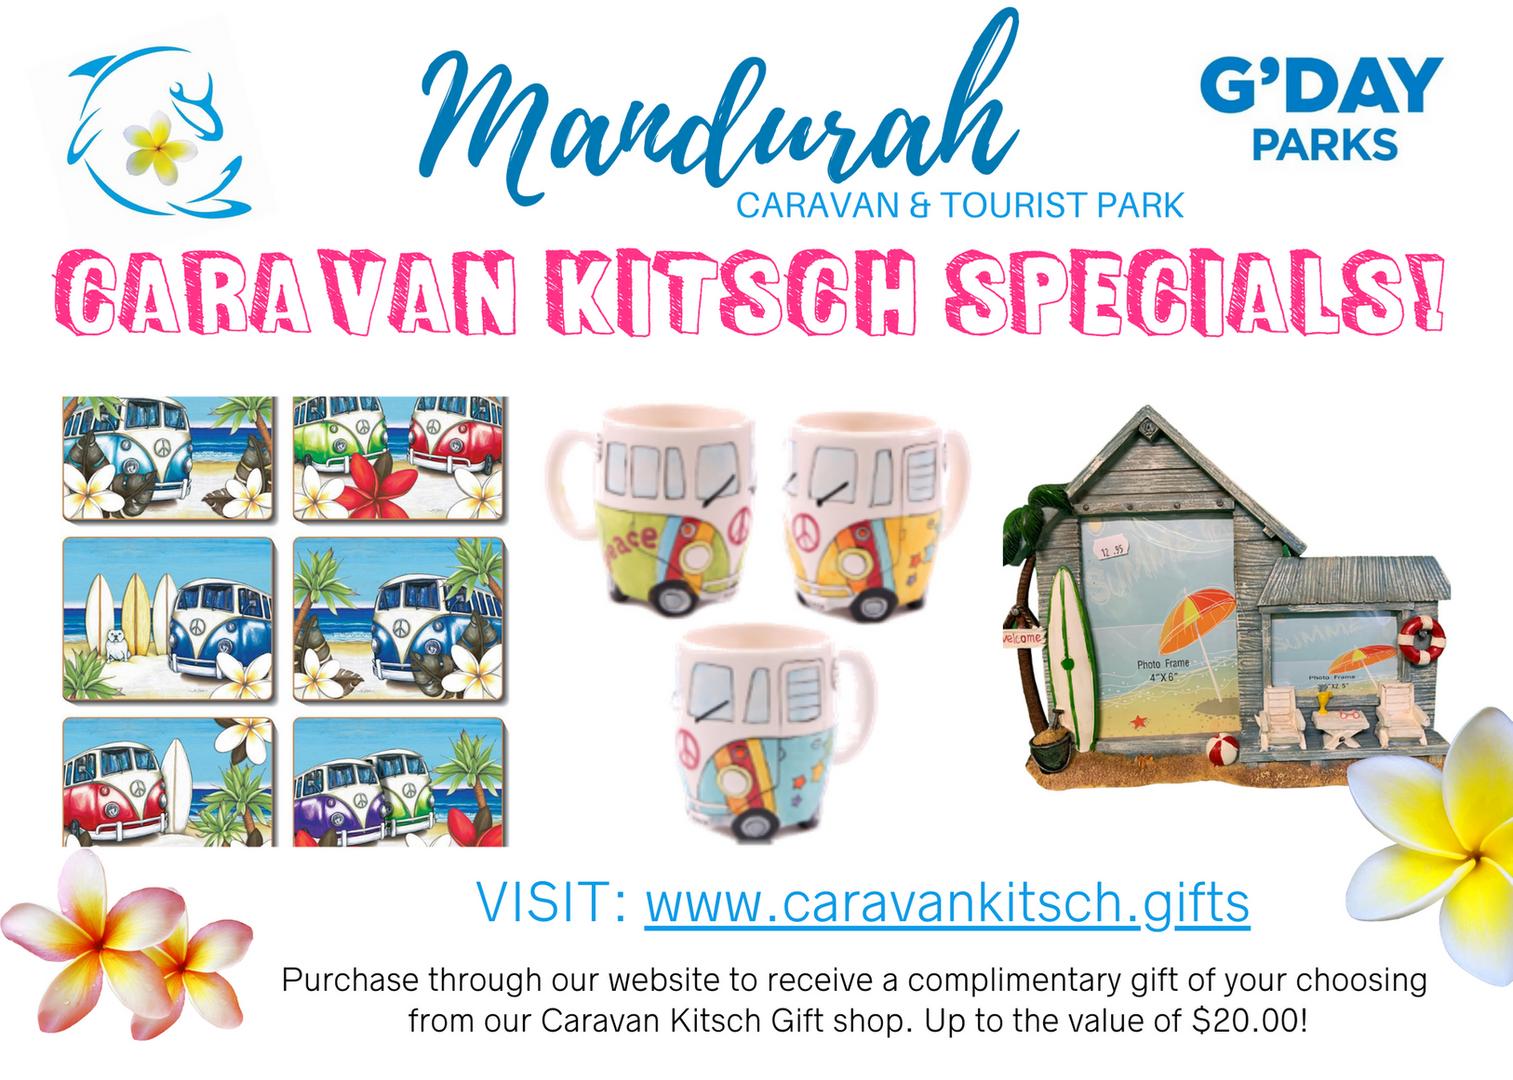 Caravan Kitsch Gift Shop